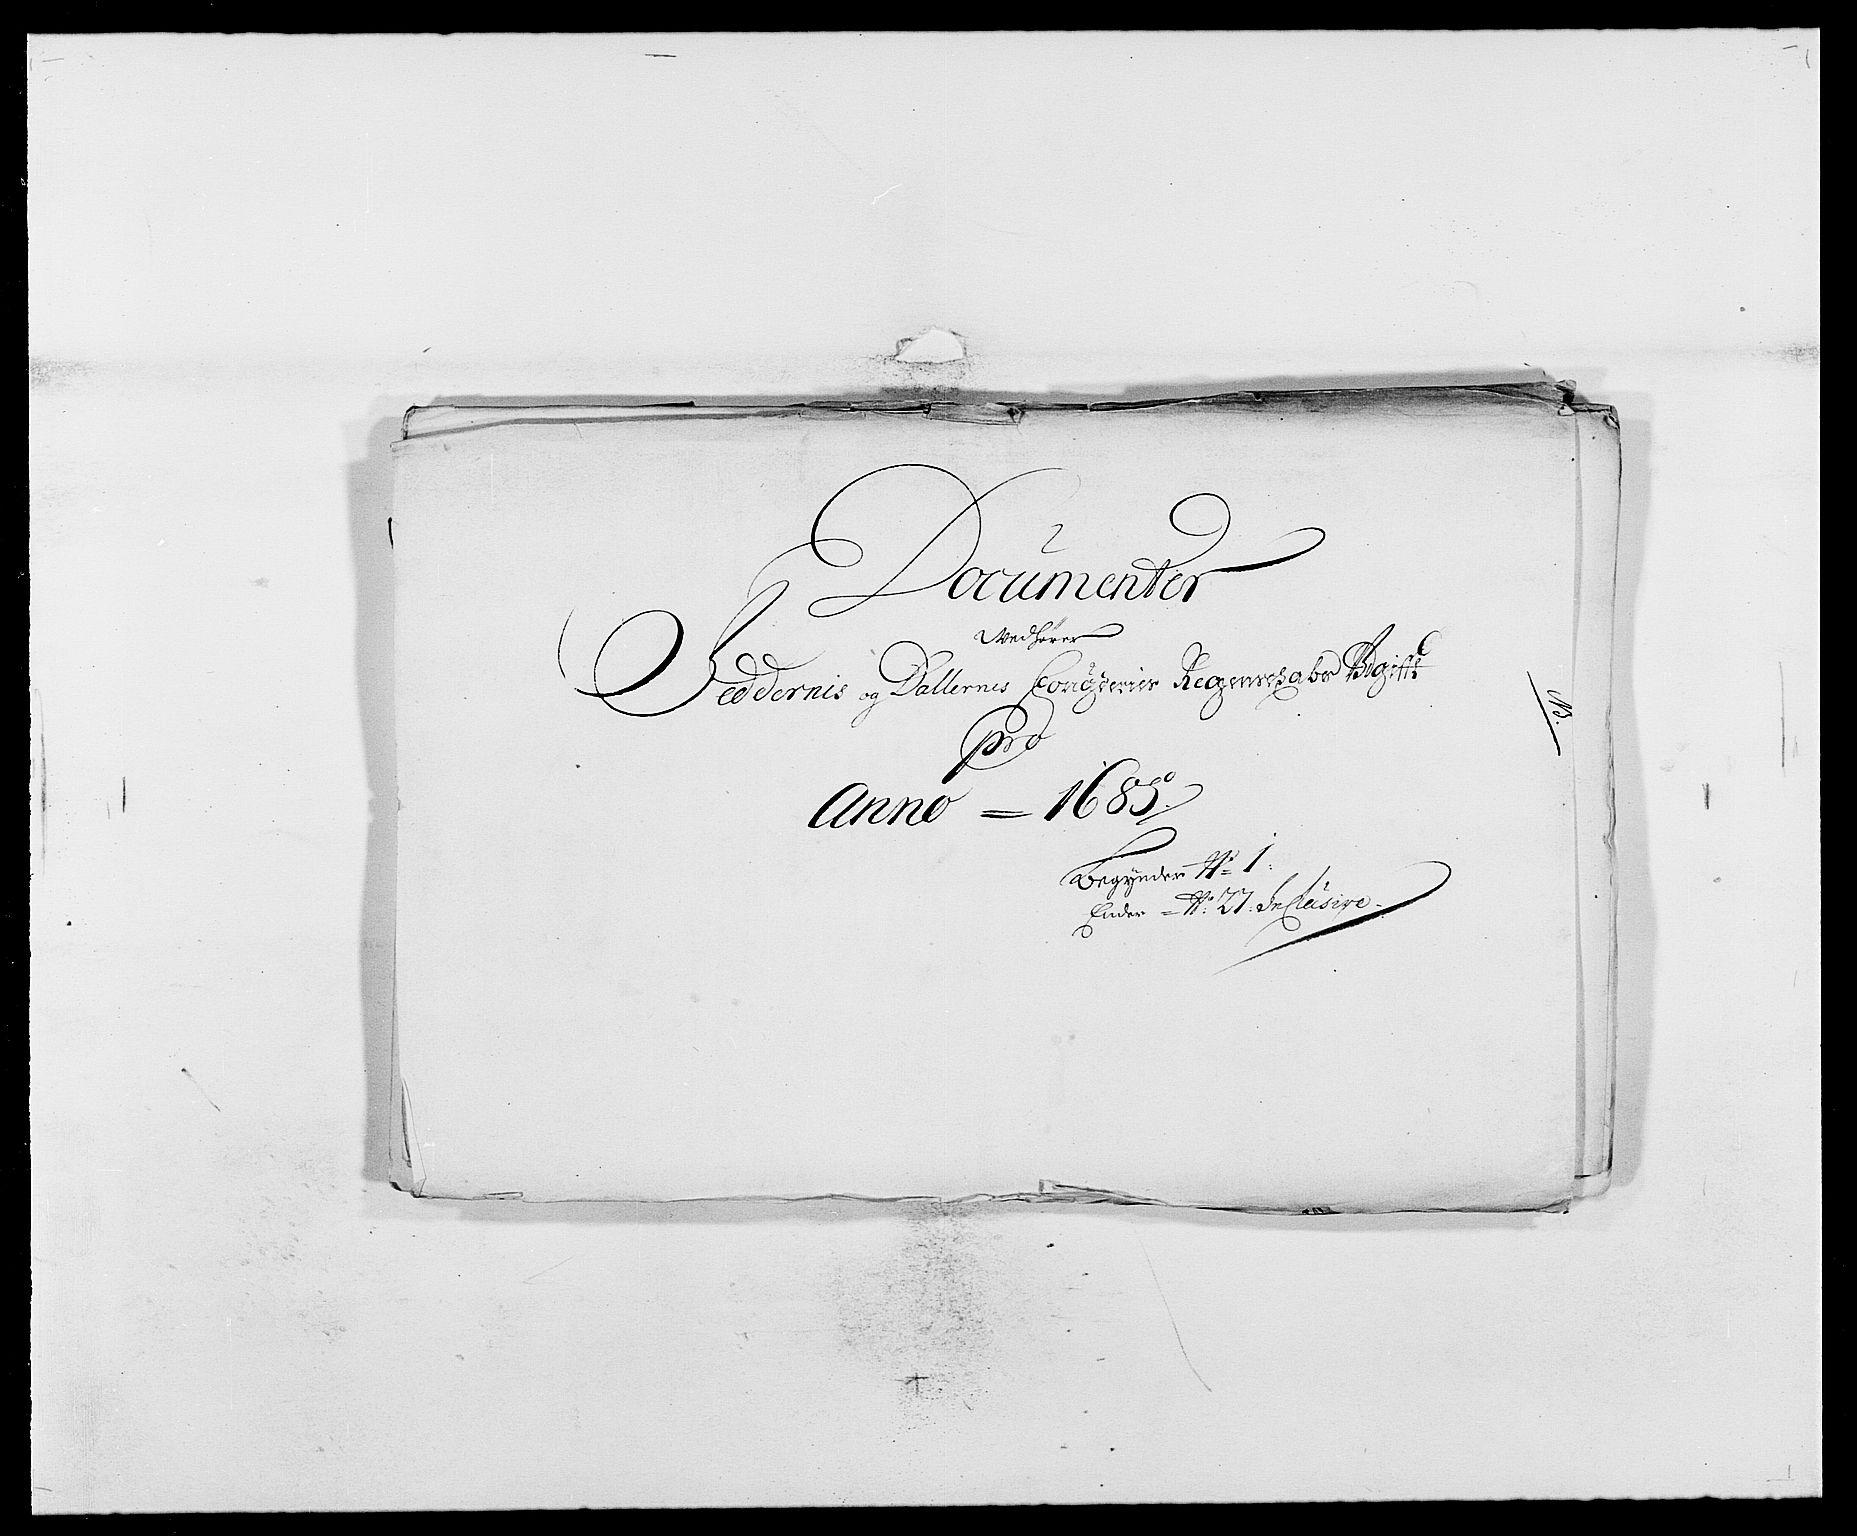 RA, Rentekammeret inntil 1814, Reviderte regnskaper, Fogderegnskap, R46/L2725: Fogderegnskap Jæren og Dalane, 1685, s. 120